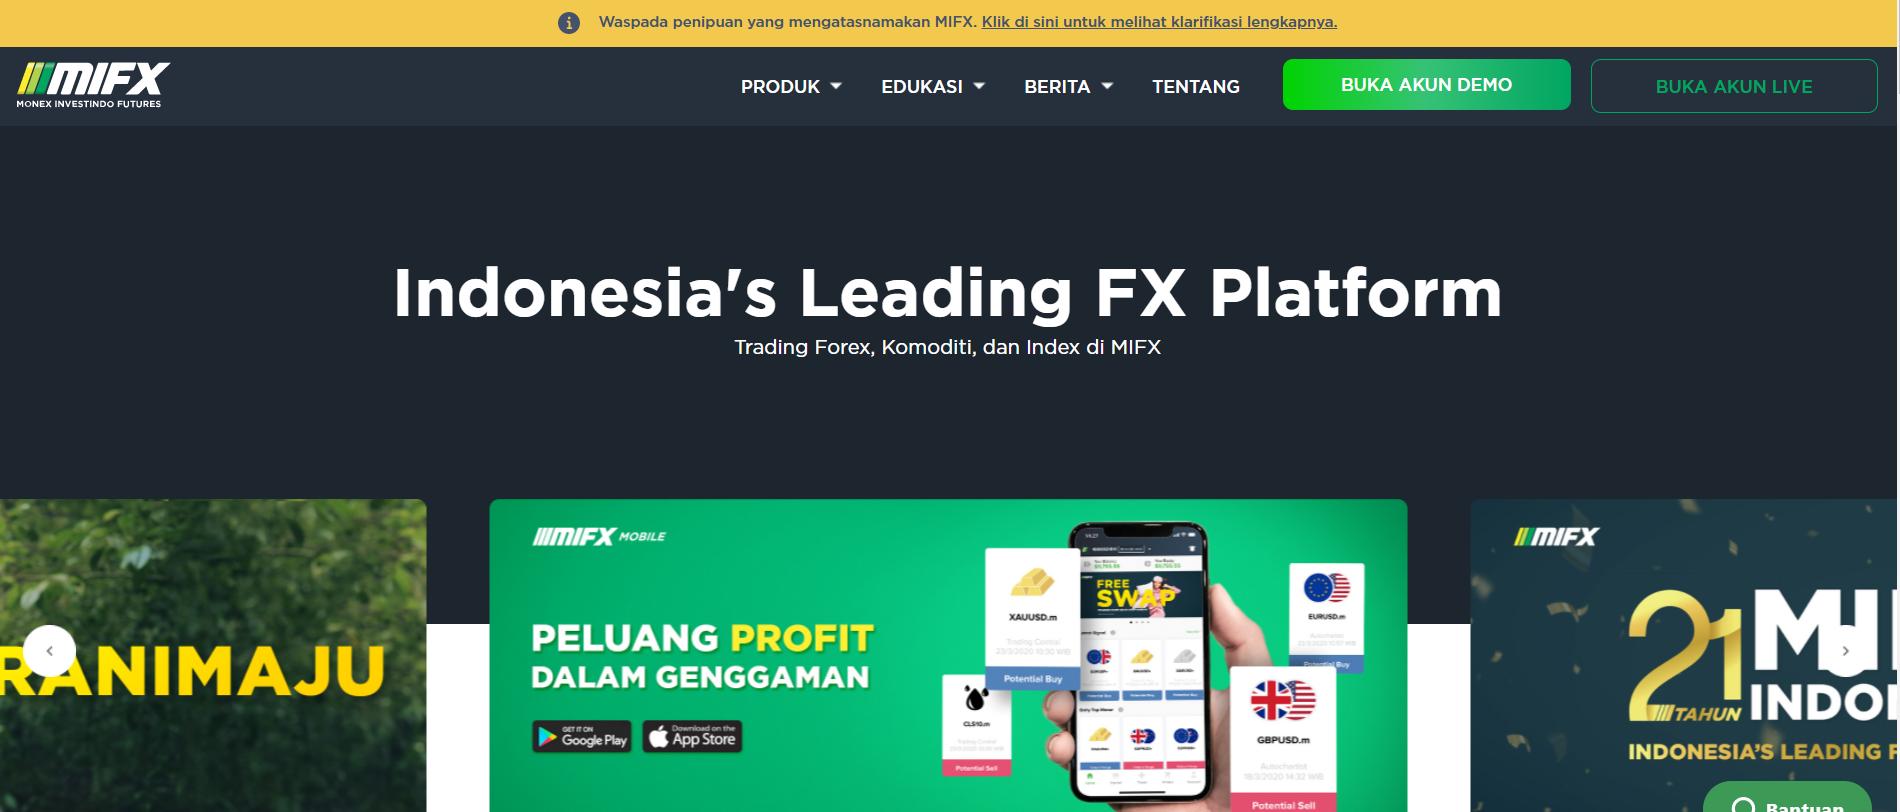 broker Monex investindo futures